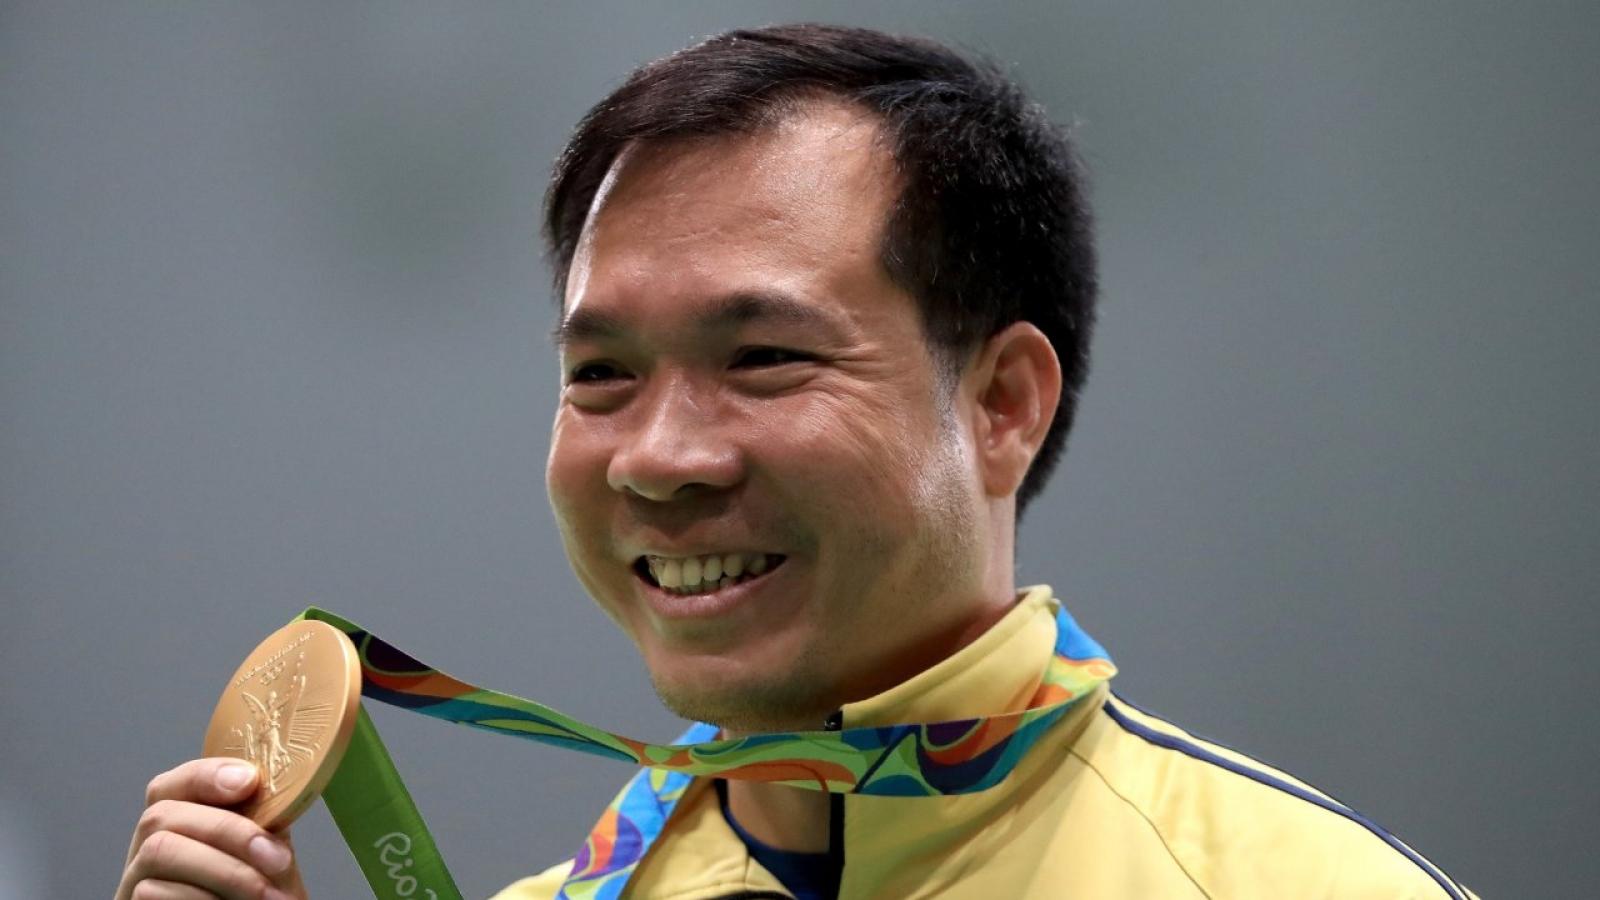 Lịch thi đấu Olympic Tokyo của Việt Nam hôm nay 24/7: Hoàng Xuân Vinh bảo vệ HCV